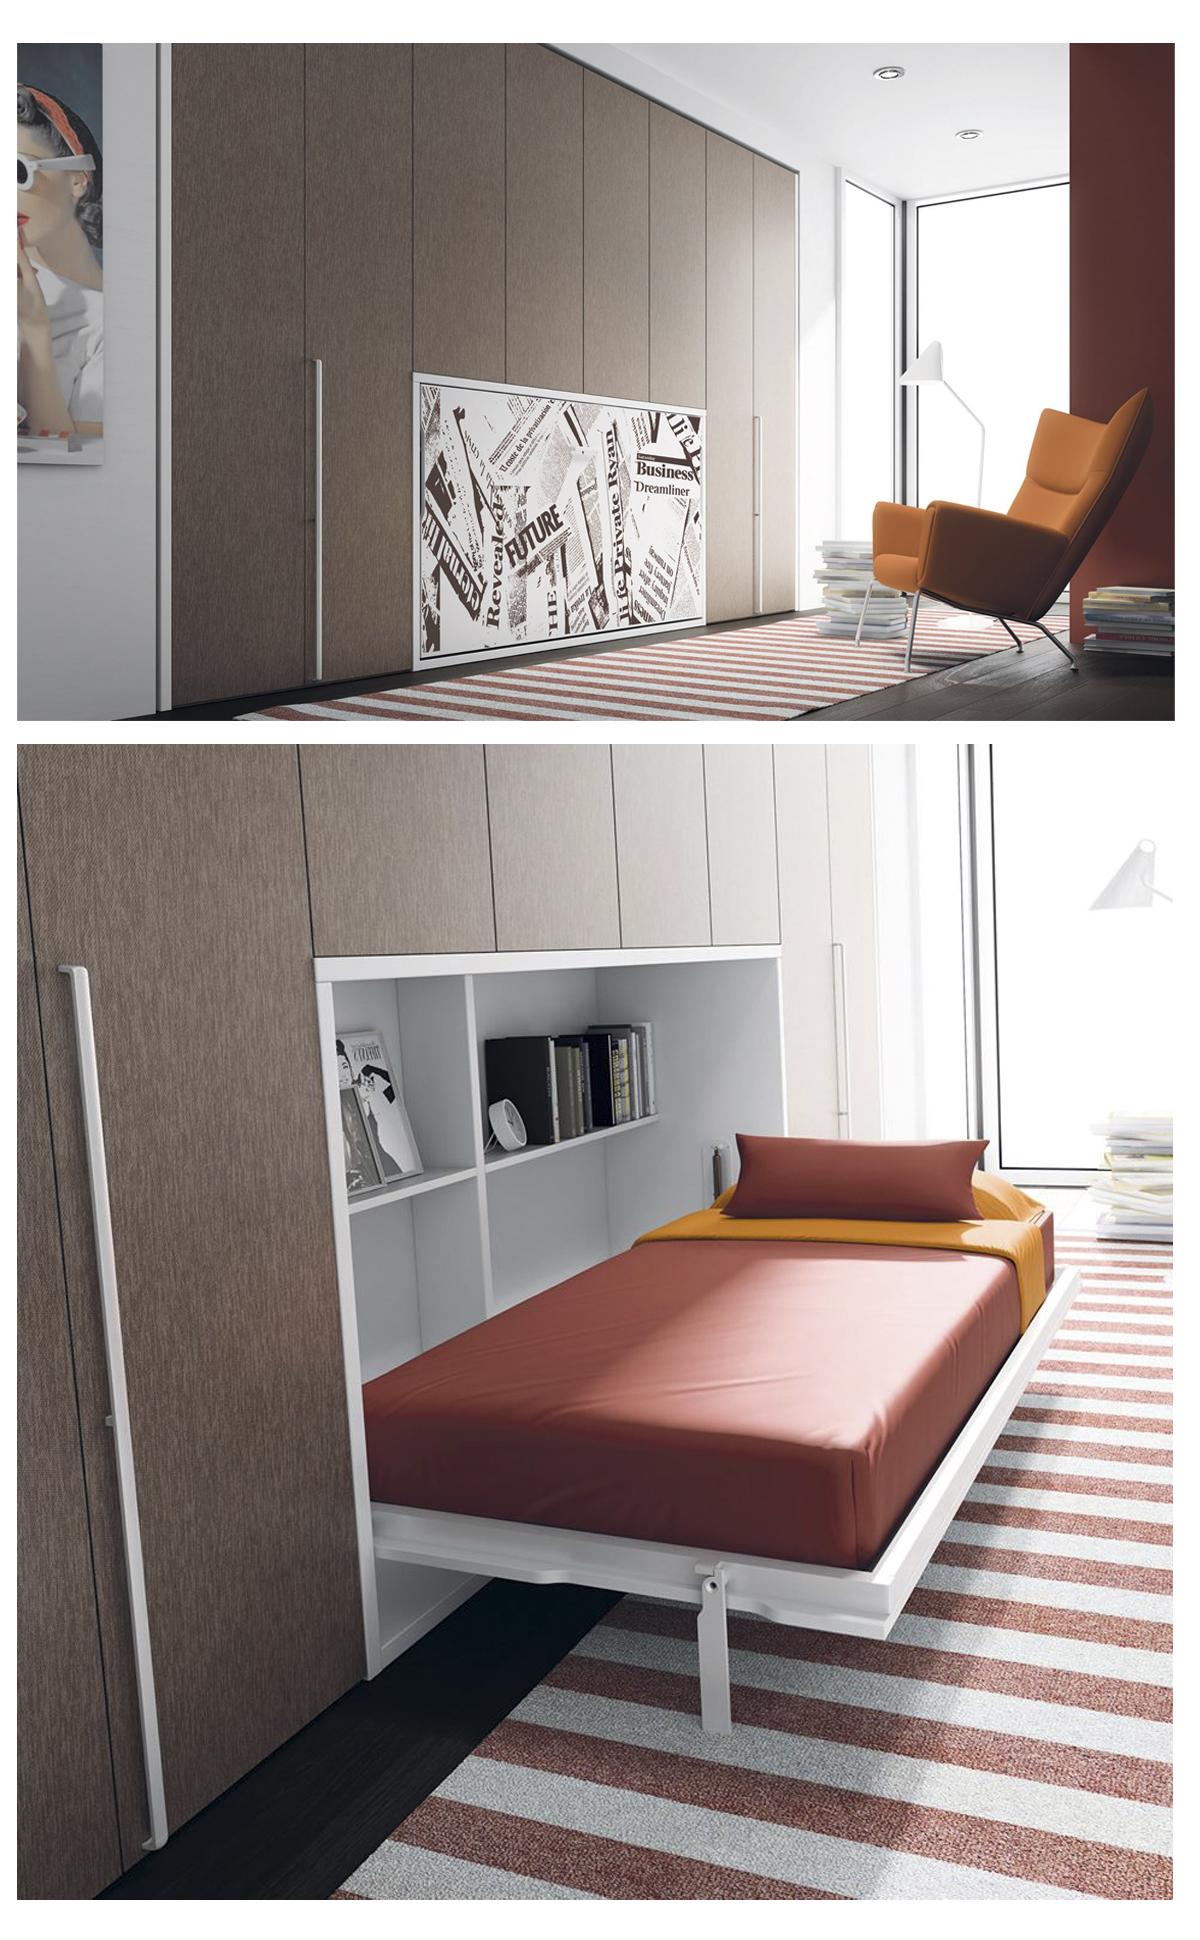 Muebles Poco Espacio Dise Os Arquitect Nicos Mimasku Com # Muebles Poco Espacio